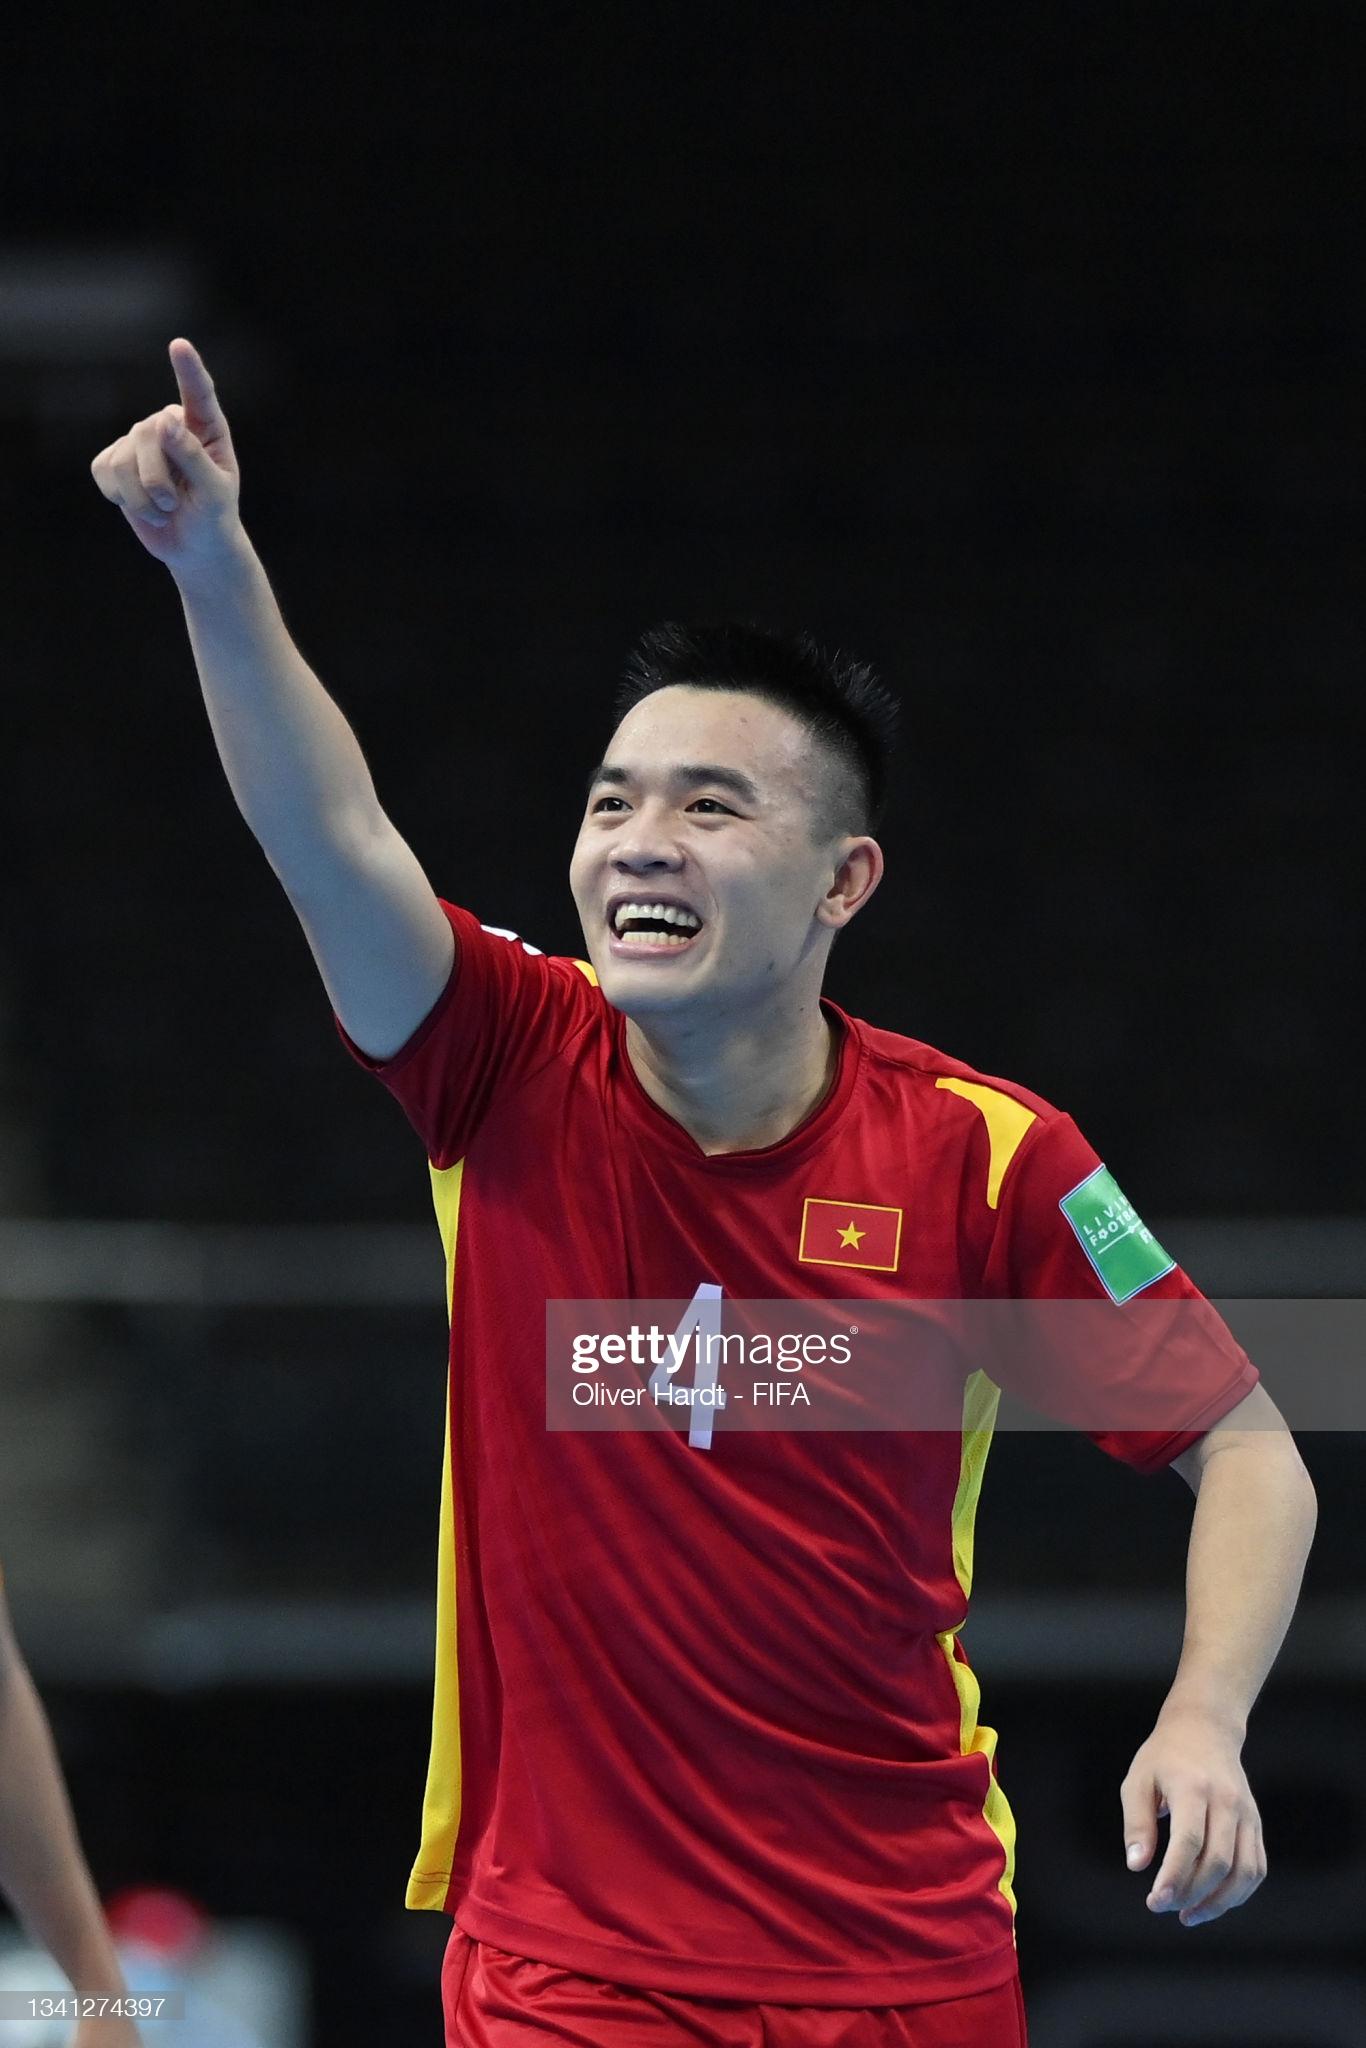 Vào đến vòng 16 đội World Cup 2021, các tuyển thủ futsal Việt Nam vẫn chỉ có lượt theo dõi khiêm tốn trên mạng xã hội - Ảnh 9.